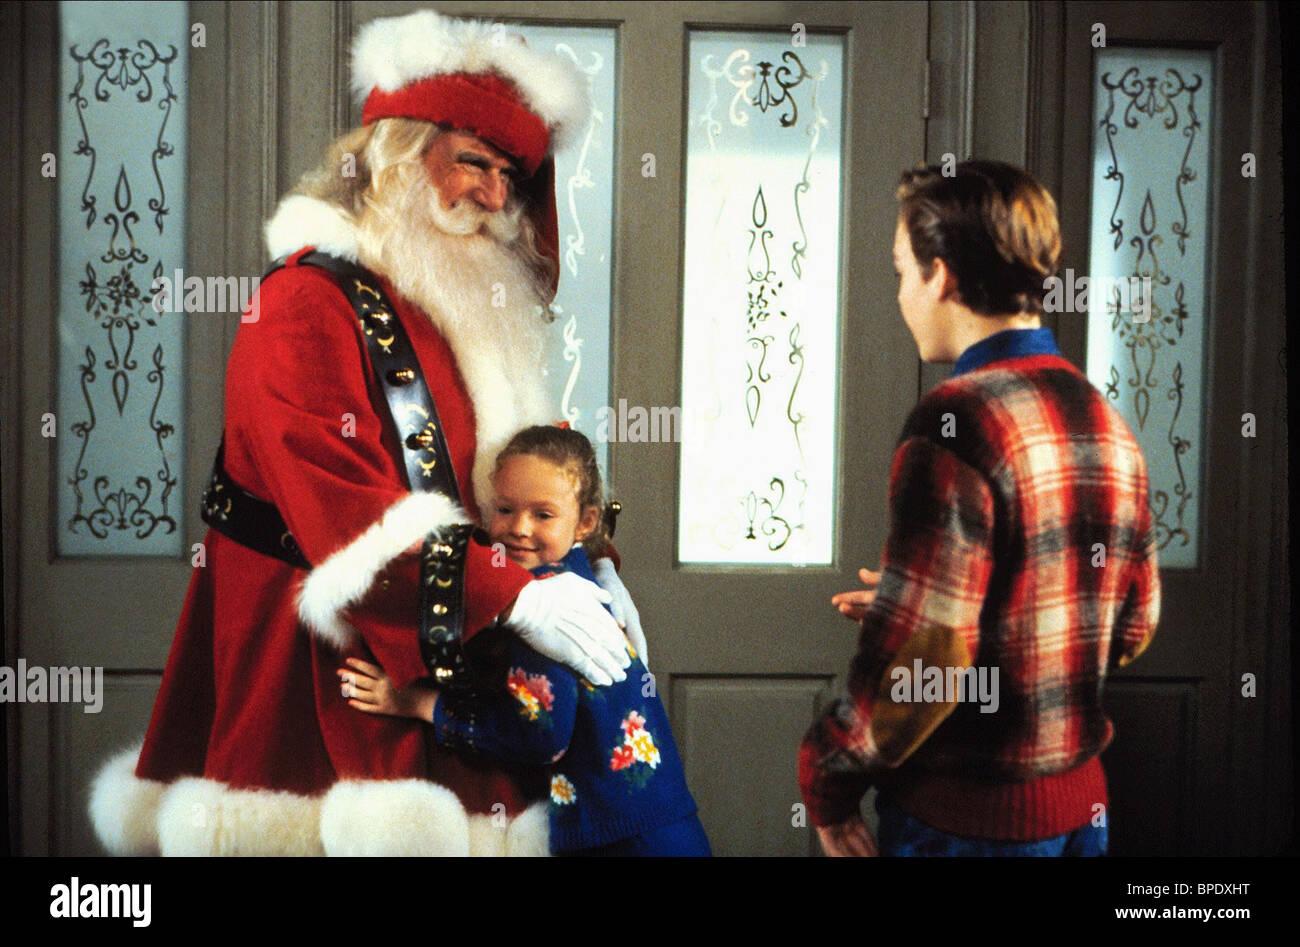 leslie nielsen thora birch ethan randall all i want for christmas 1991 - All I Want For Christmas 1991